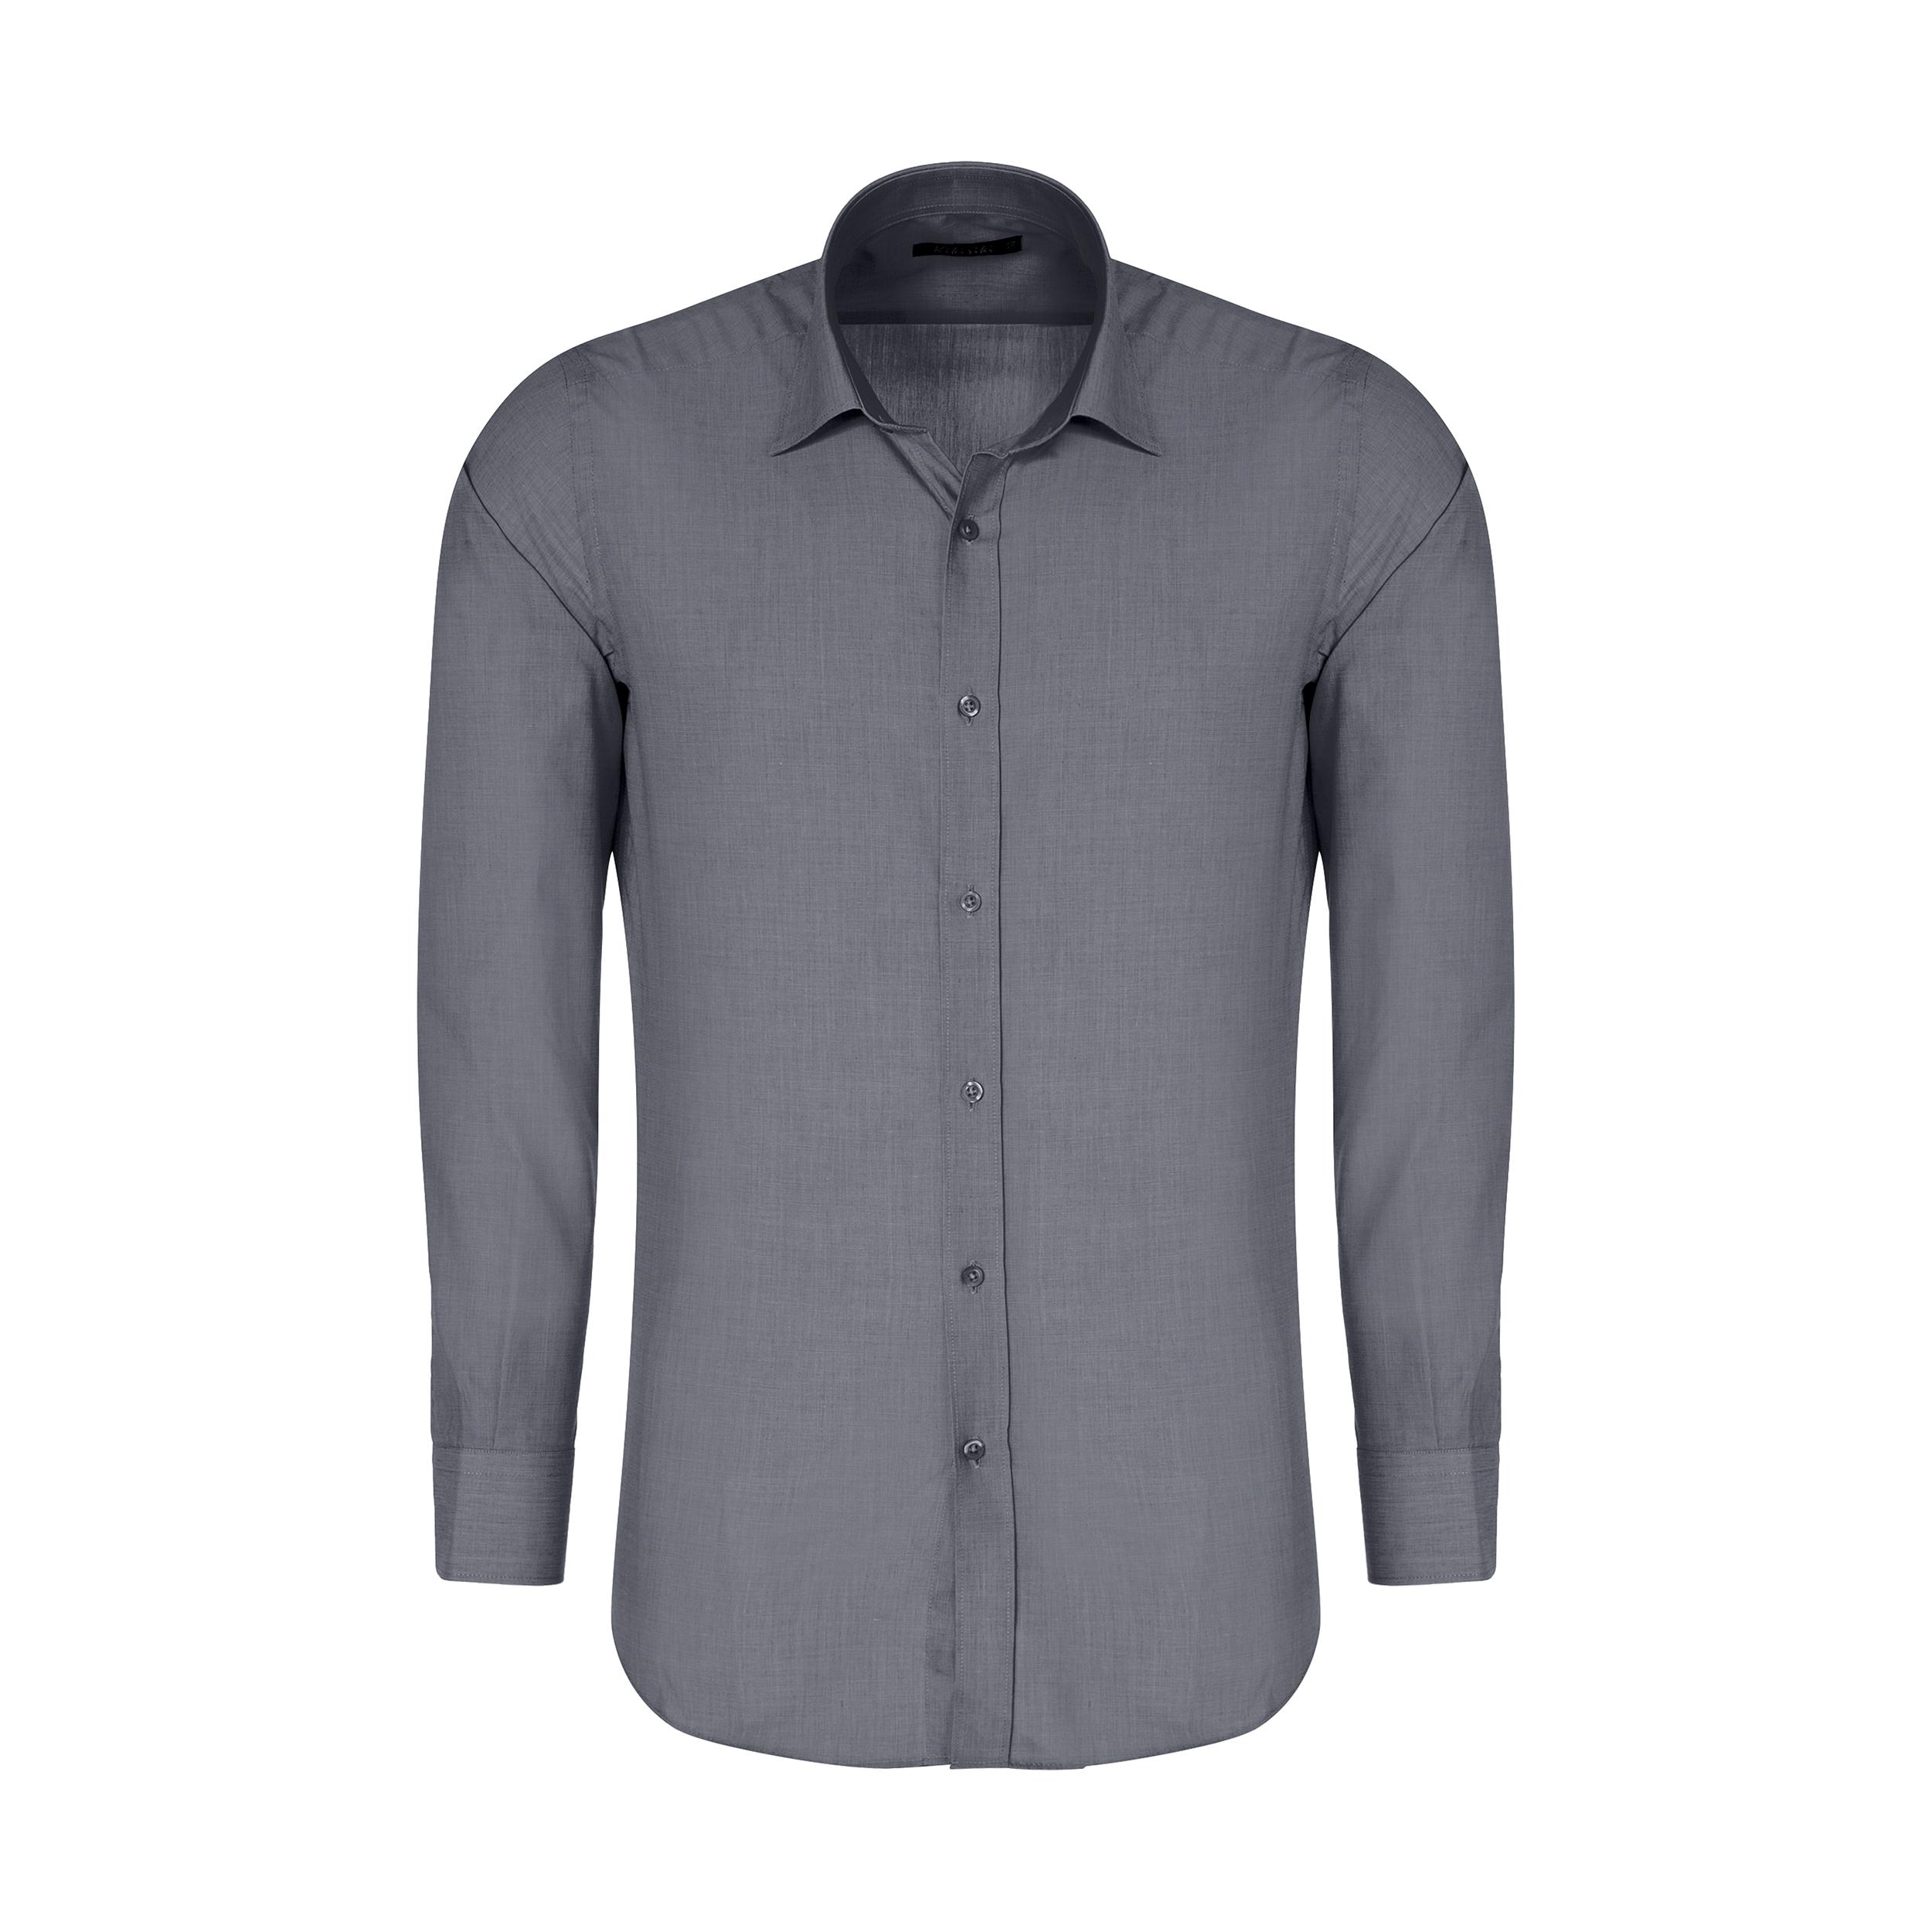 پیراهن مردانه کیکی رایکی مدل MBB2401-001